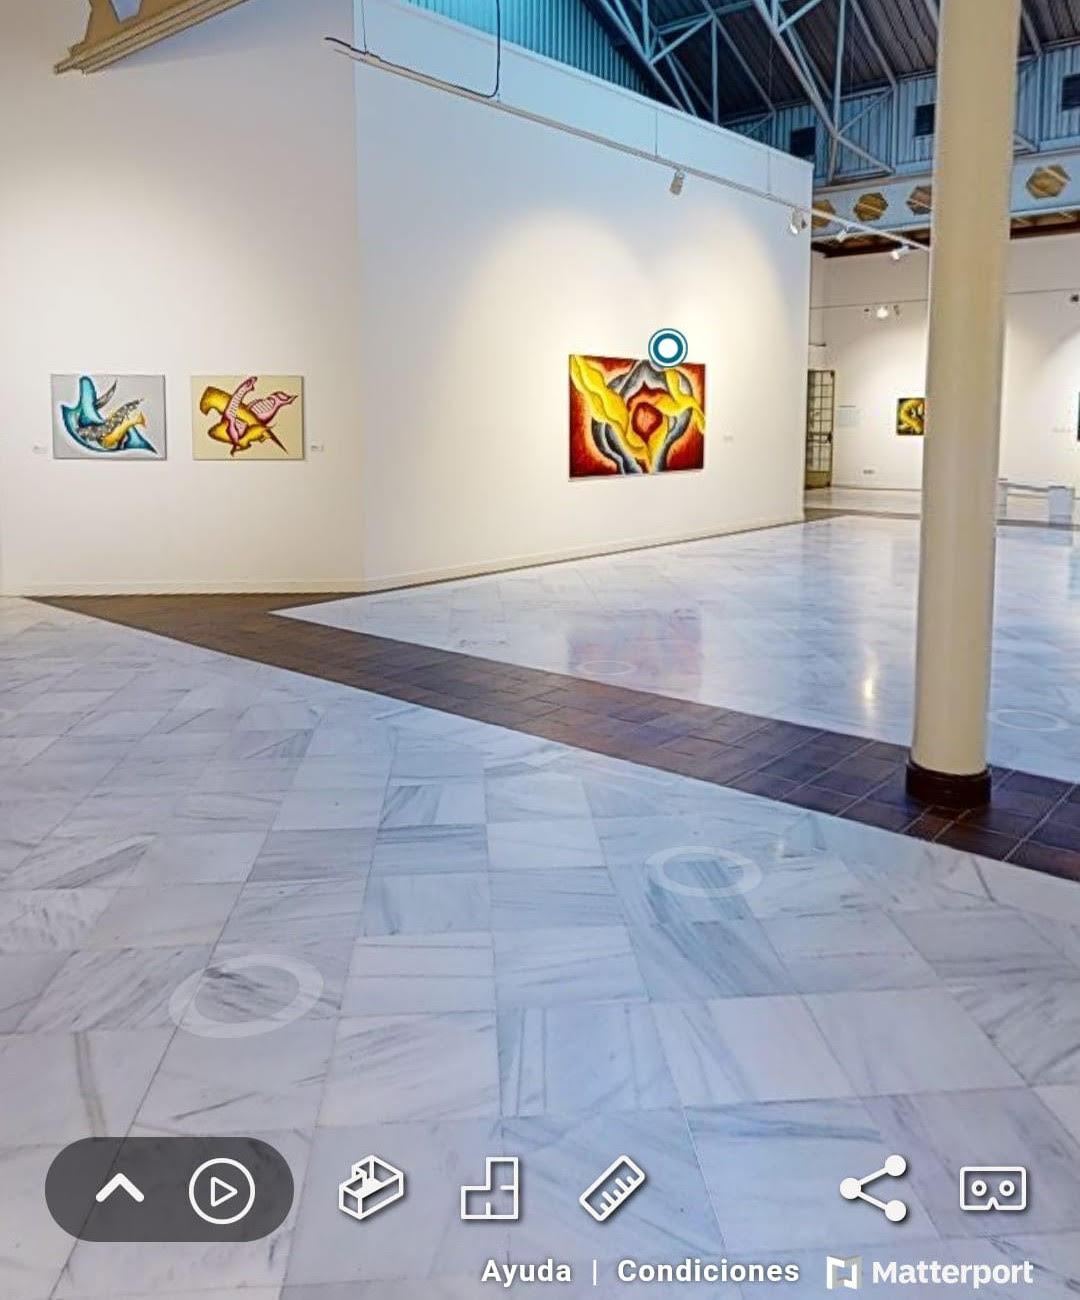 La Mirada Actual Visita Virtual De La Exposición Buscando Lo Sublime De Adriana Zapisek En Casa De Vacas Madrid Durante Octubre 2020